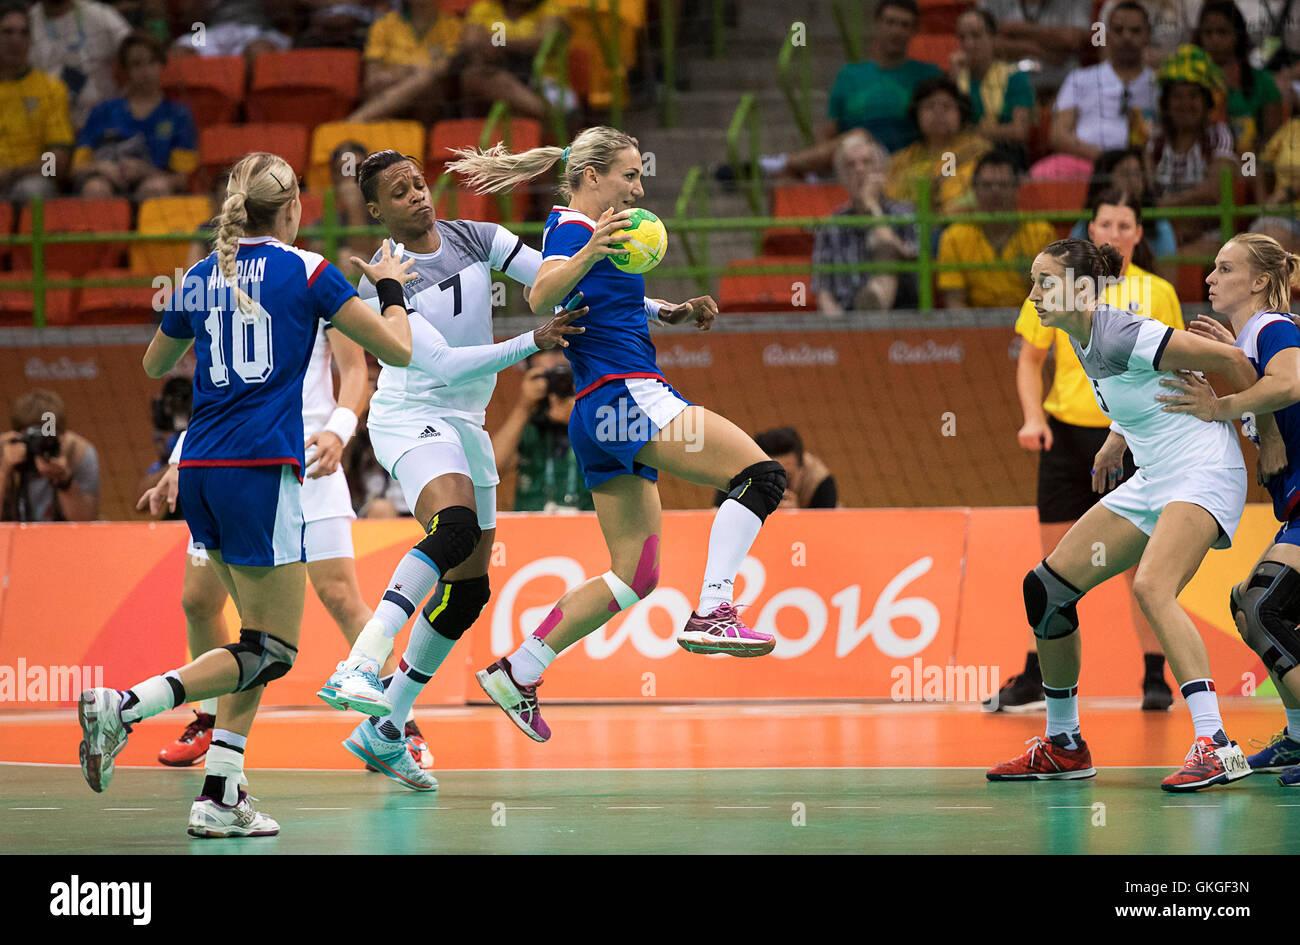 Rio De Janeiro Rj Brasilien 20 August 2016 Olympischen Spiele